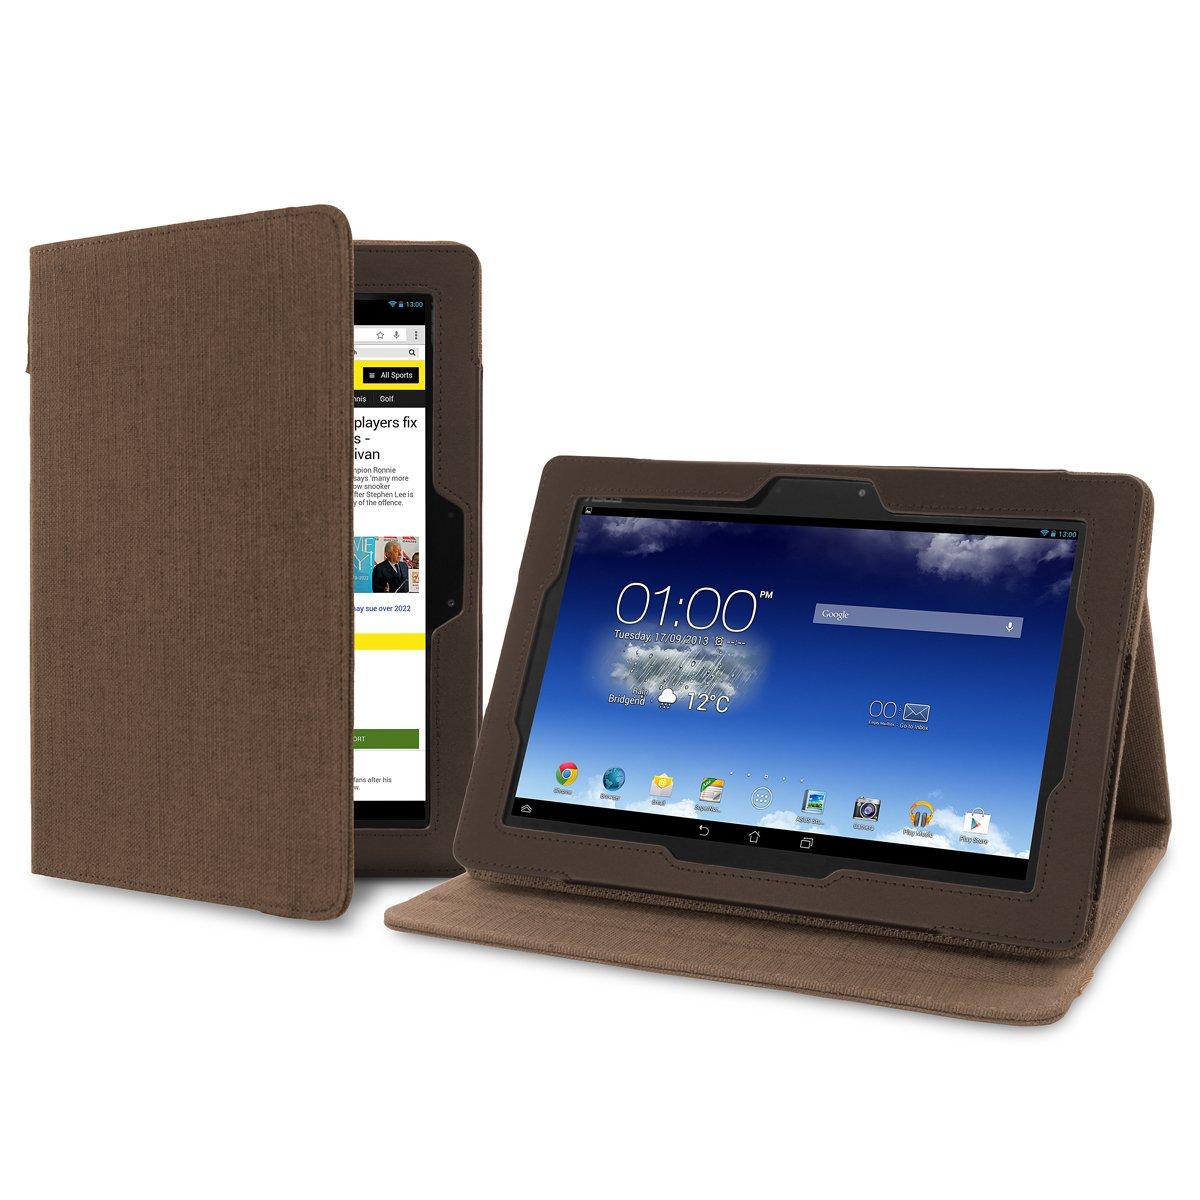 Cover-Up - Funda de cáñamo natural para Asus MeMO Pad FHD 10 (ME302C) (10.1-pulgadas) Tableta (Versión con Soporte) - Marrón Cocoa  Informática Más información y revisión del cliente